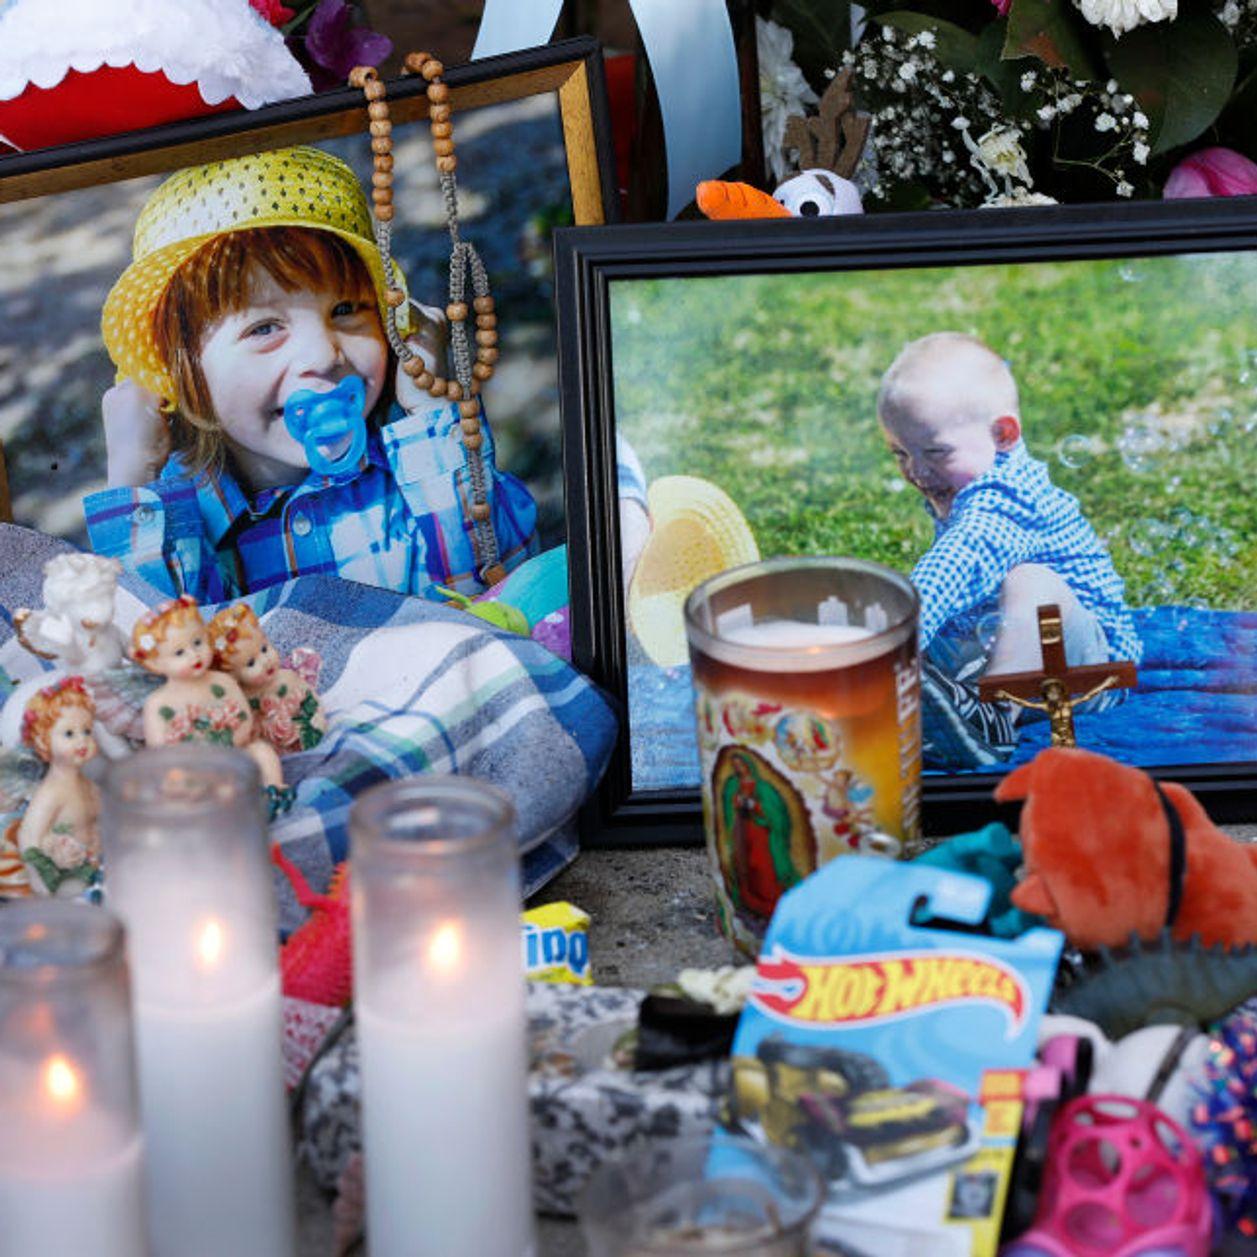 Adepte de théories complotistes, cette maman tue ses trois enfants